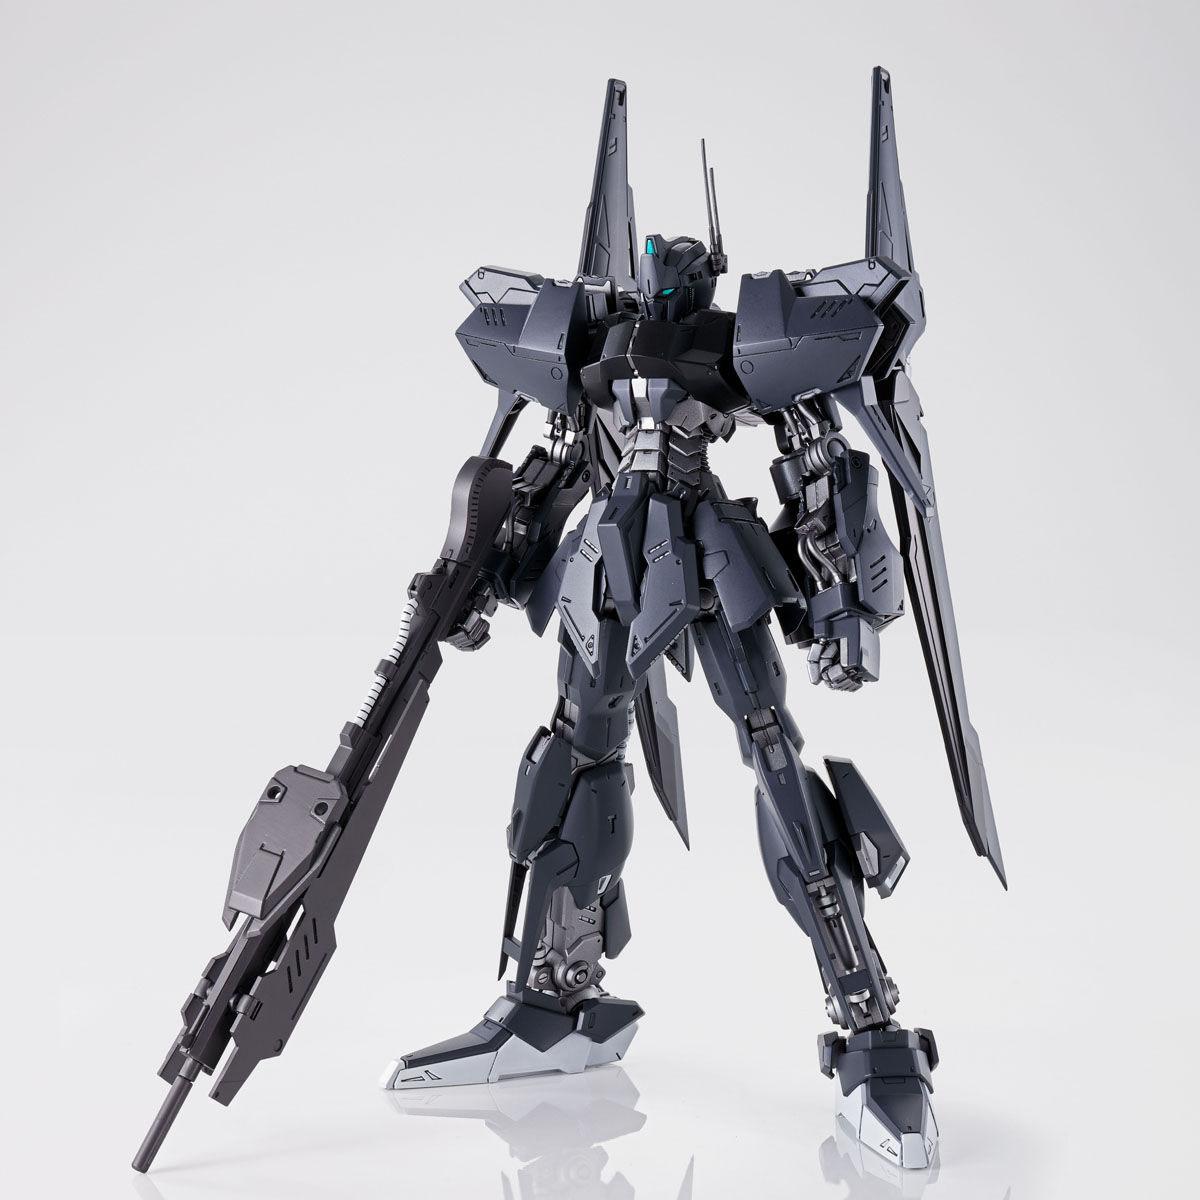 MG 1/100『百式壊』プラモデル-002